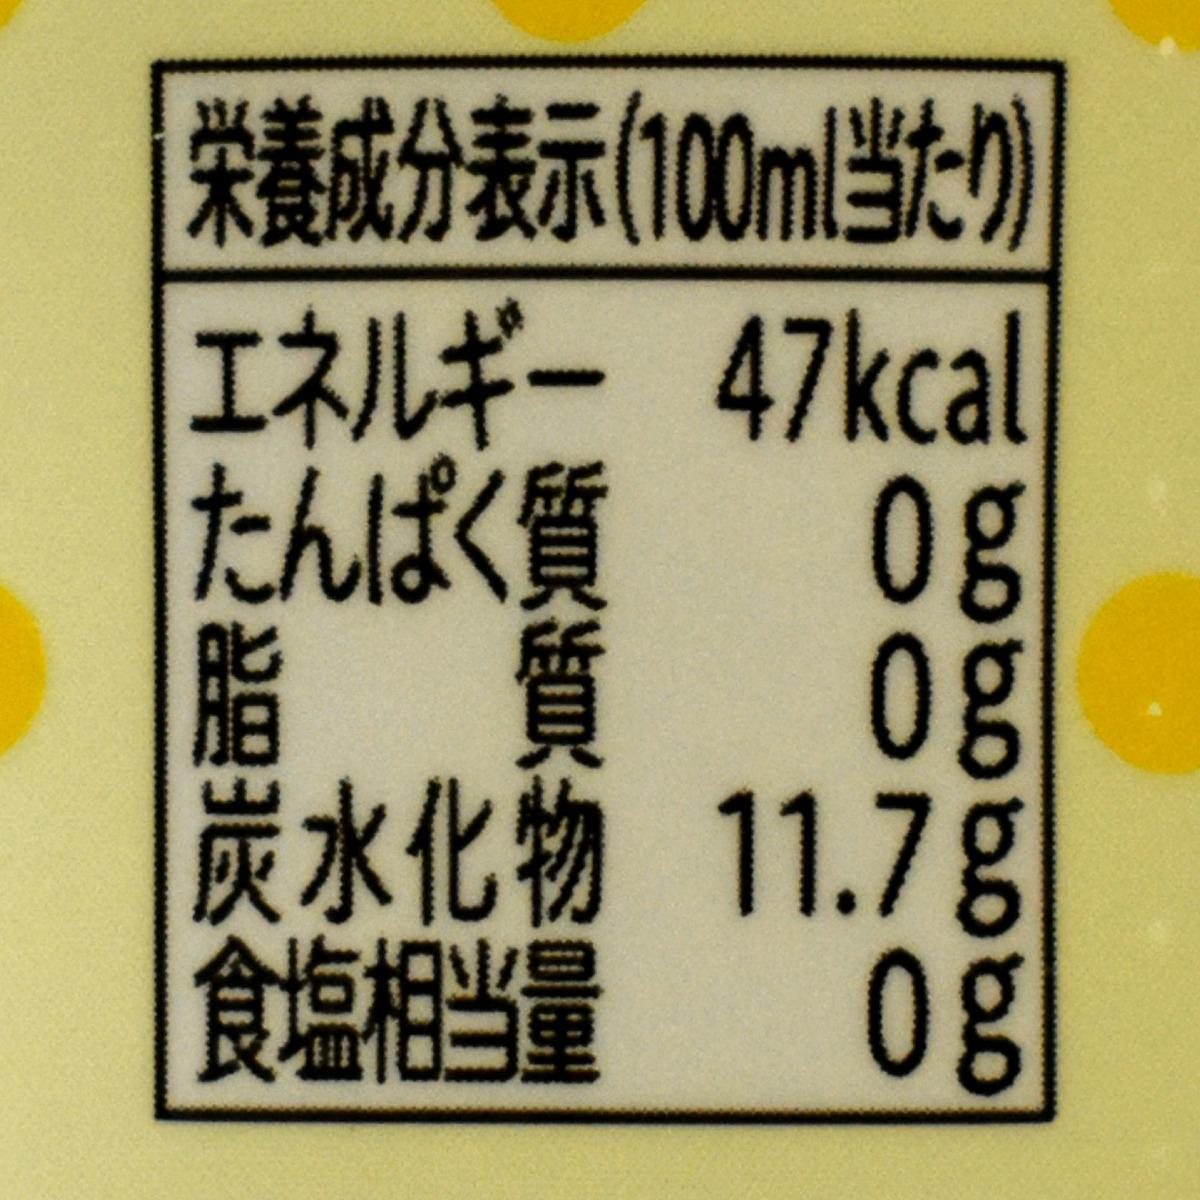 レモンスカッシュ+(プラス)ビネガーの栄養成分表示